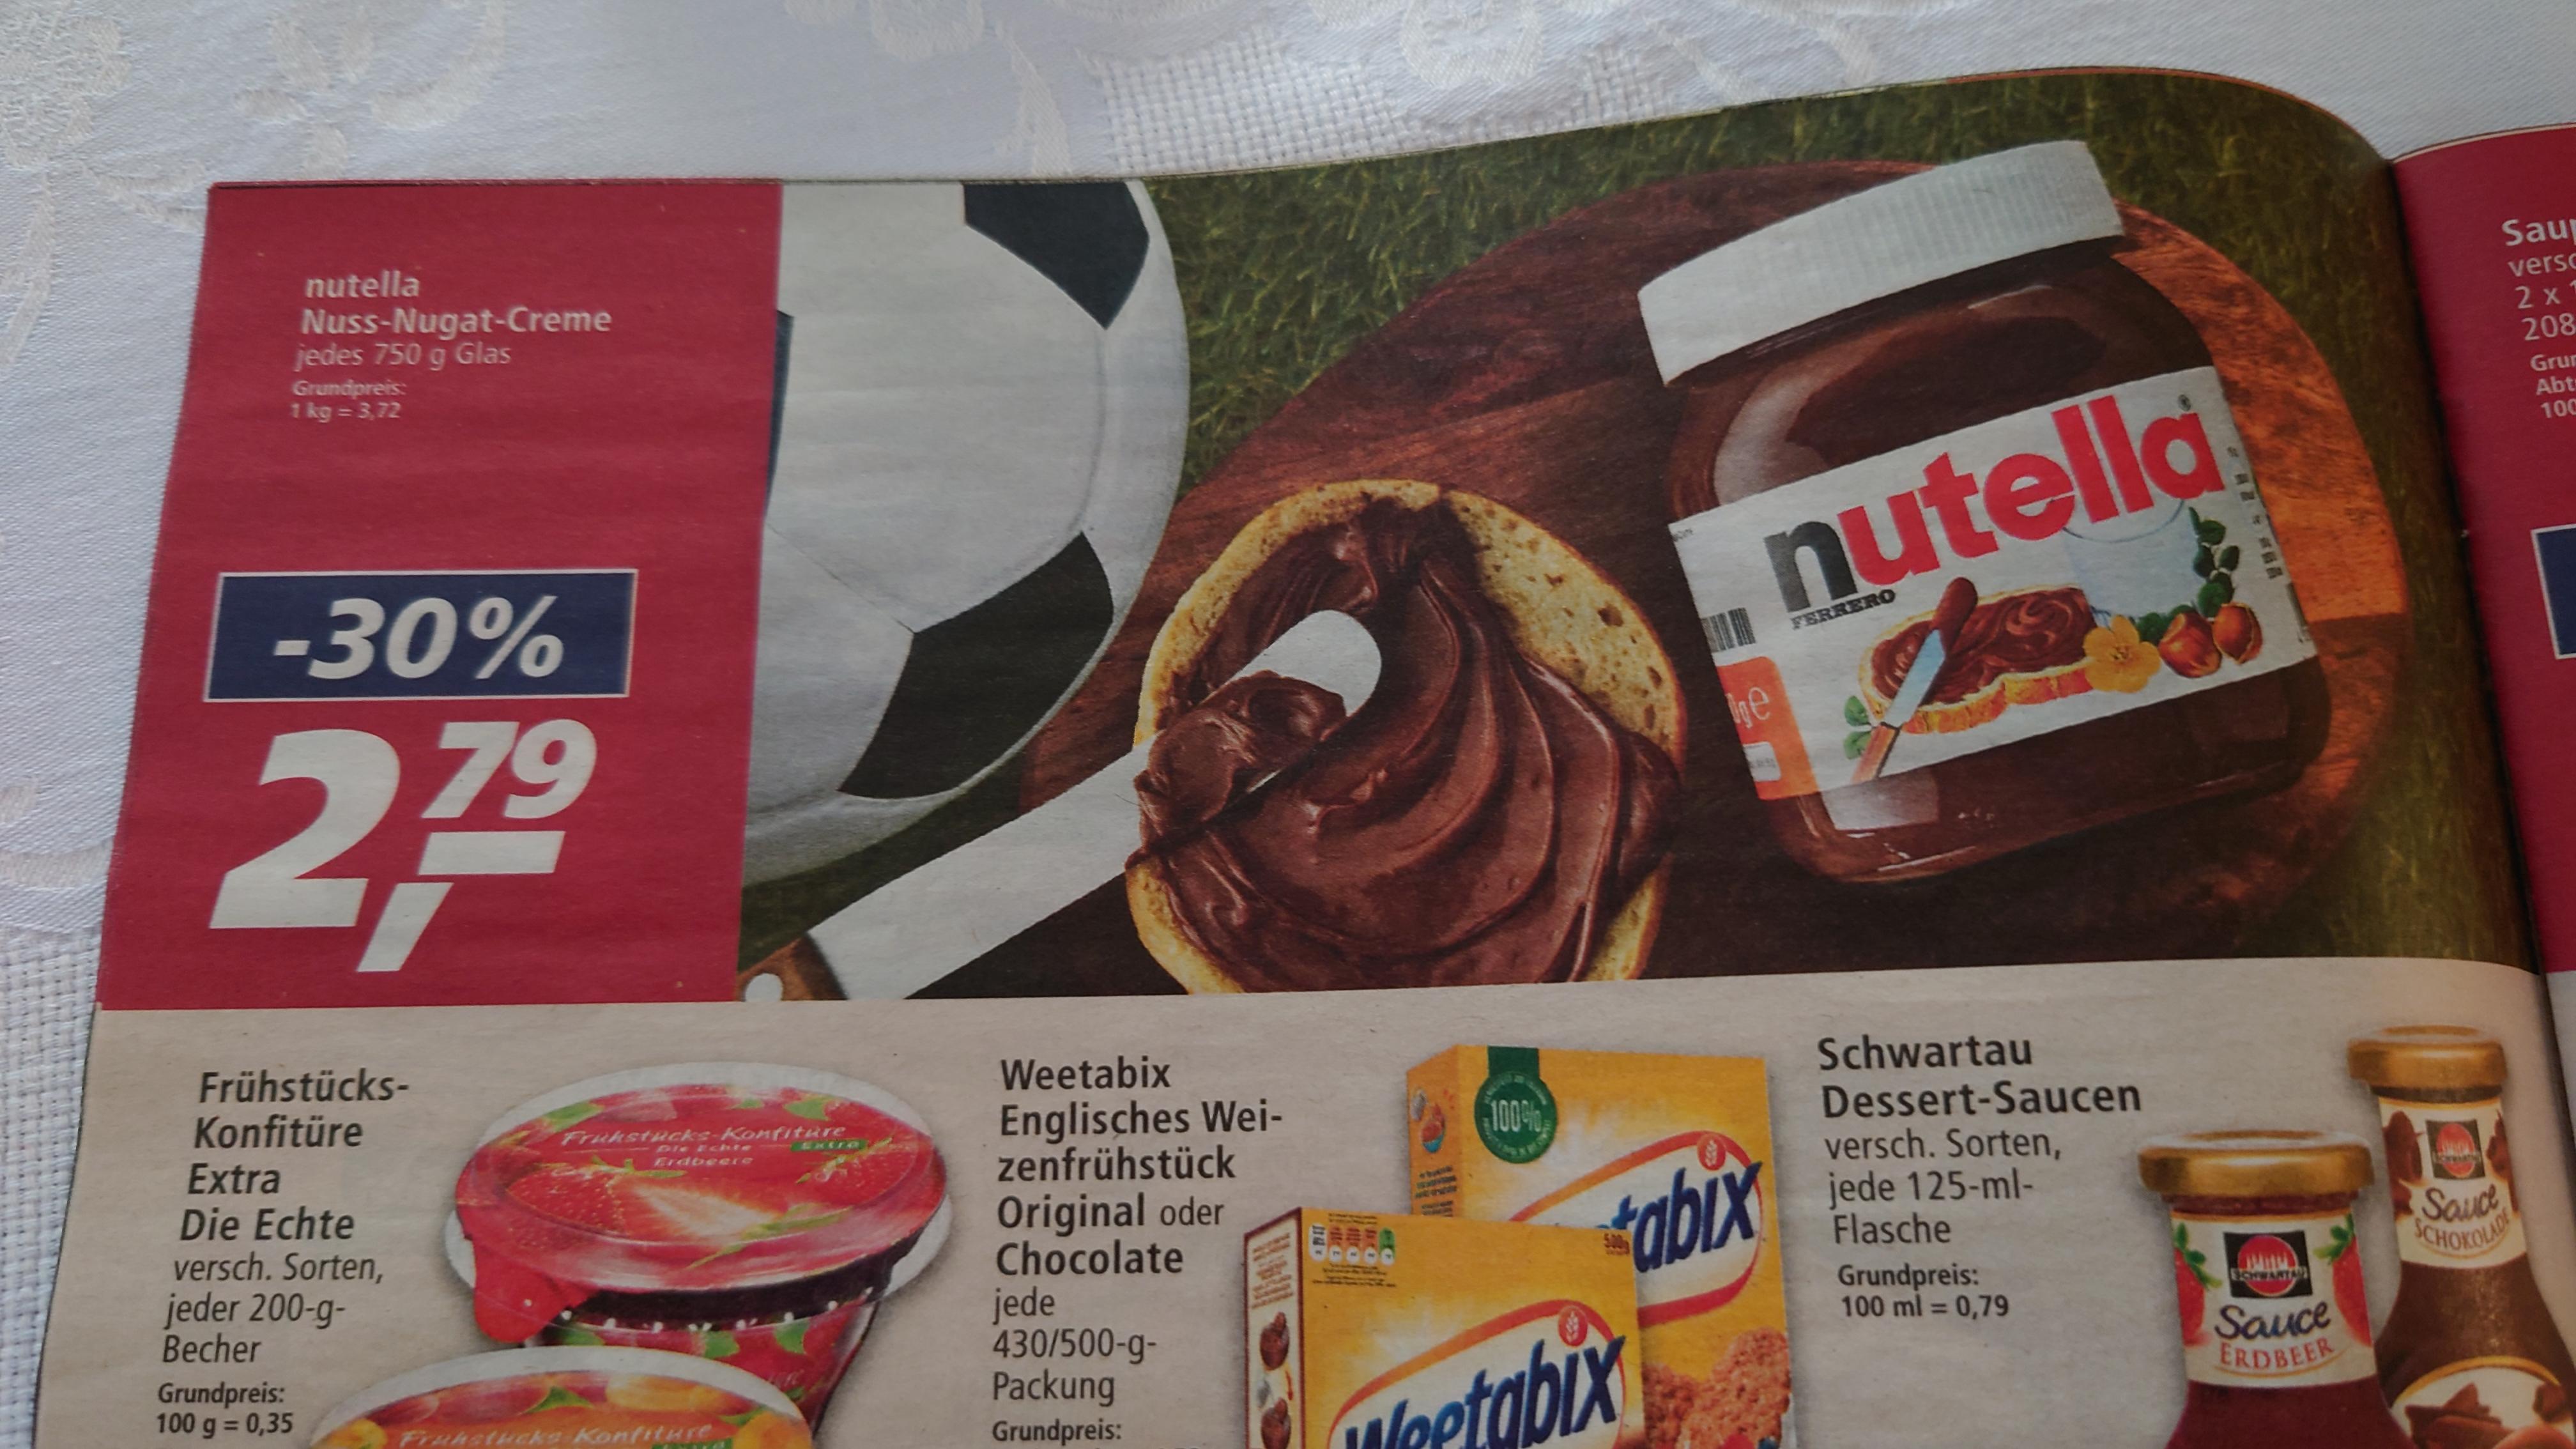 Real - Nutella Nuss-Nougat-Creme Glas 750 g